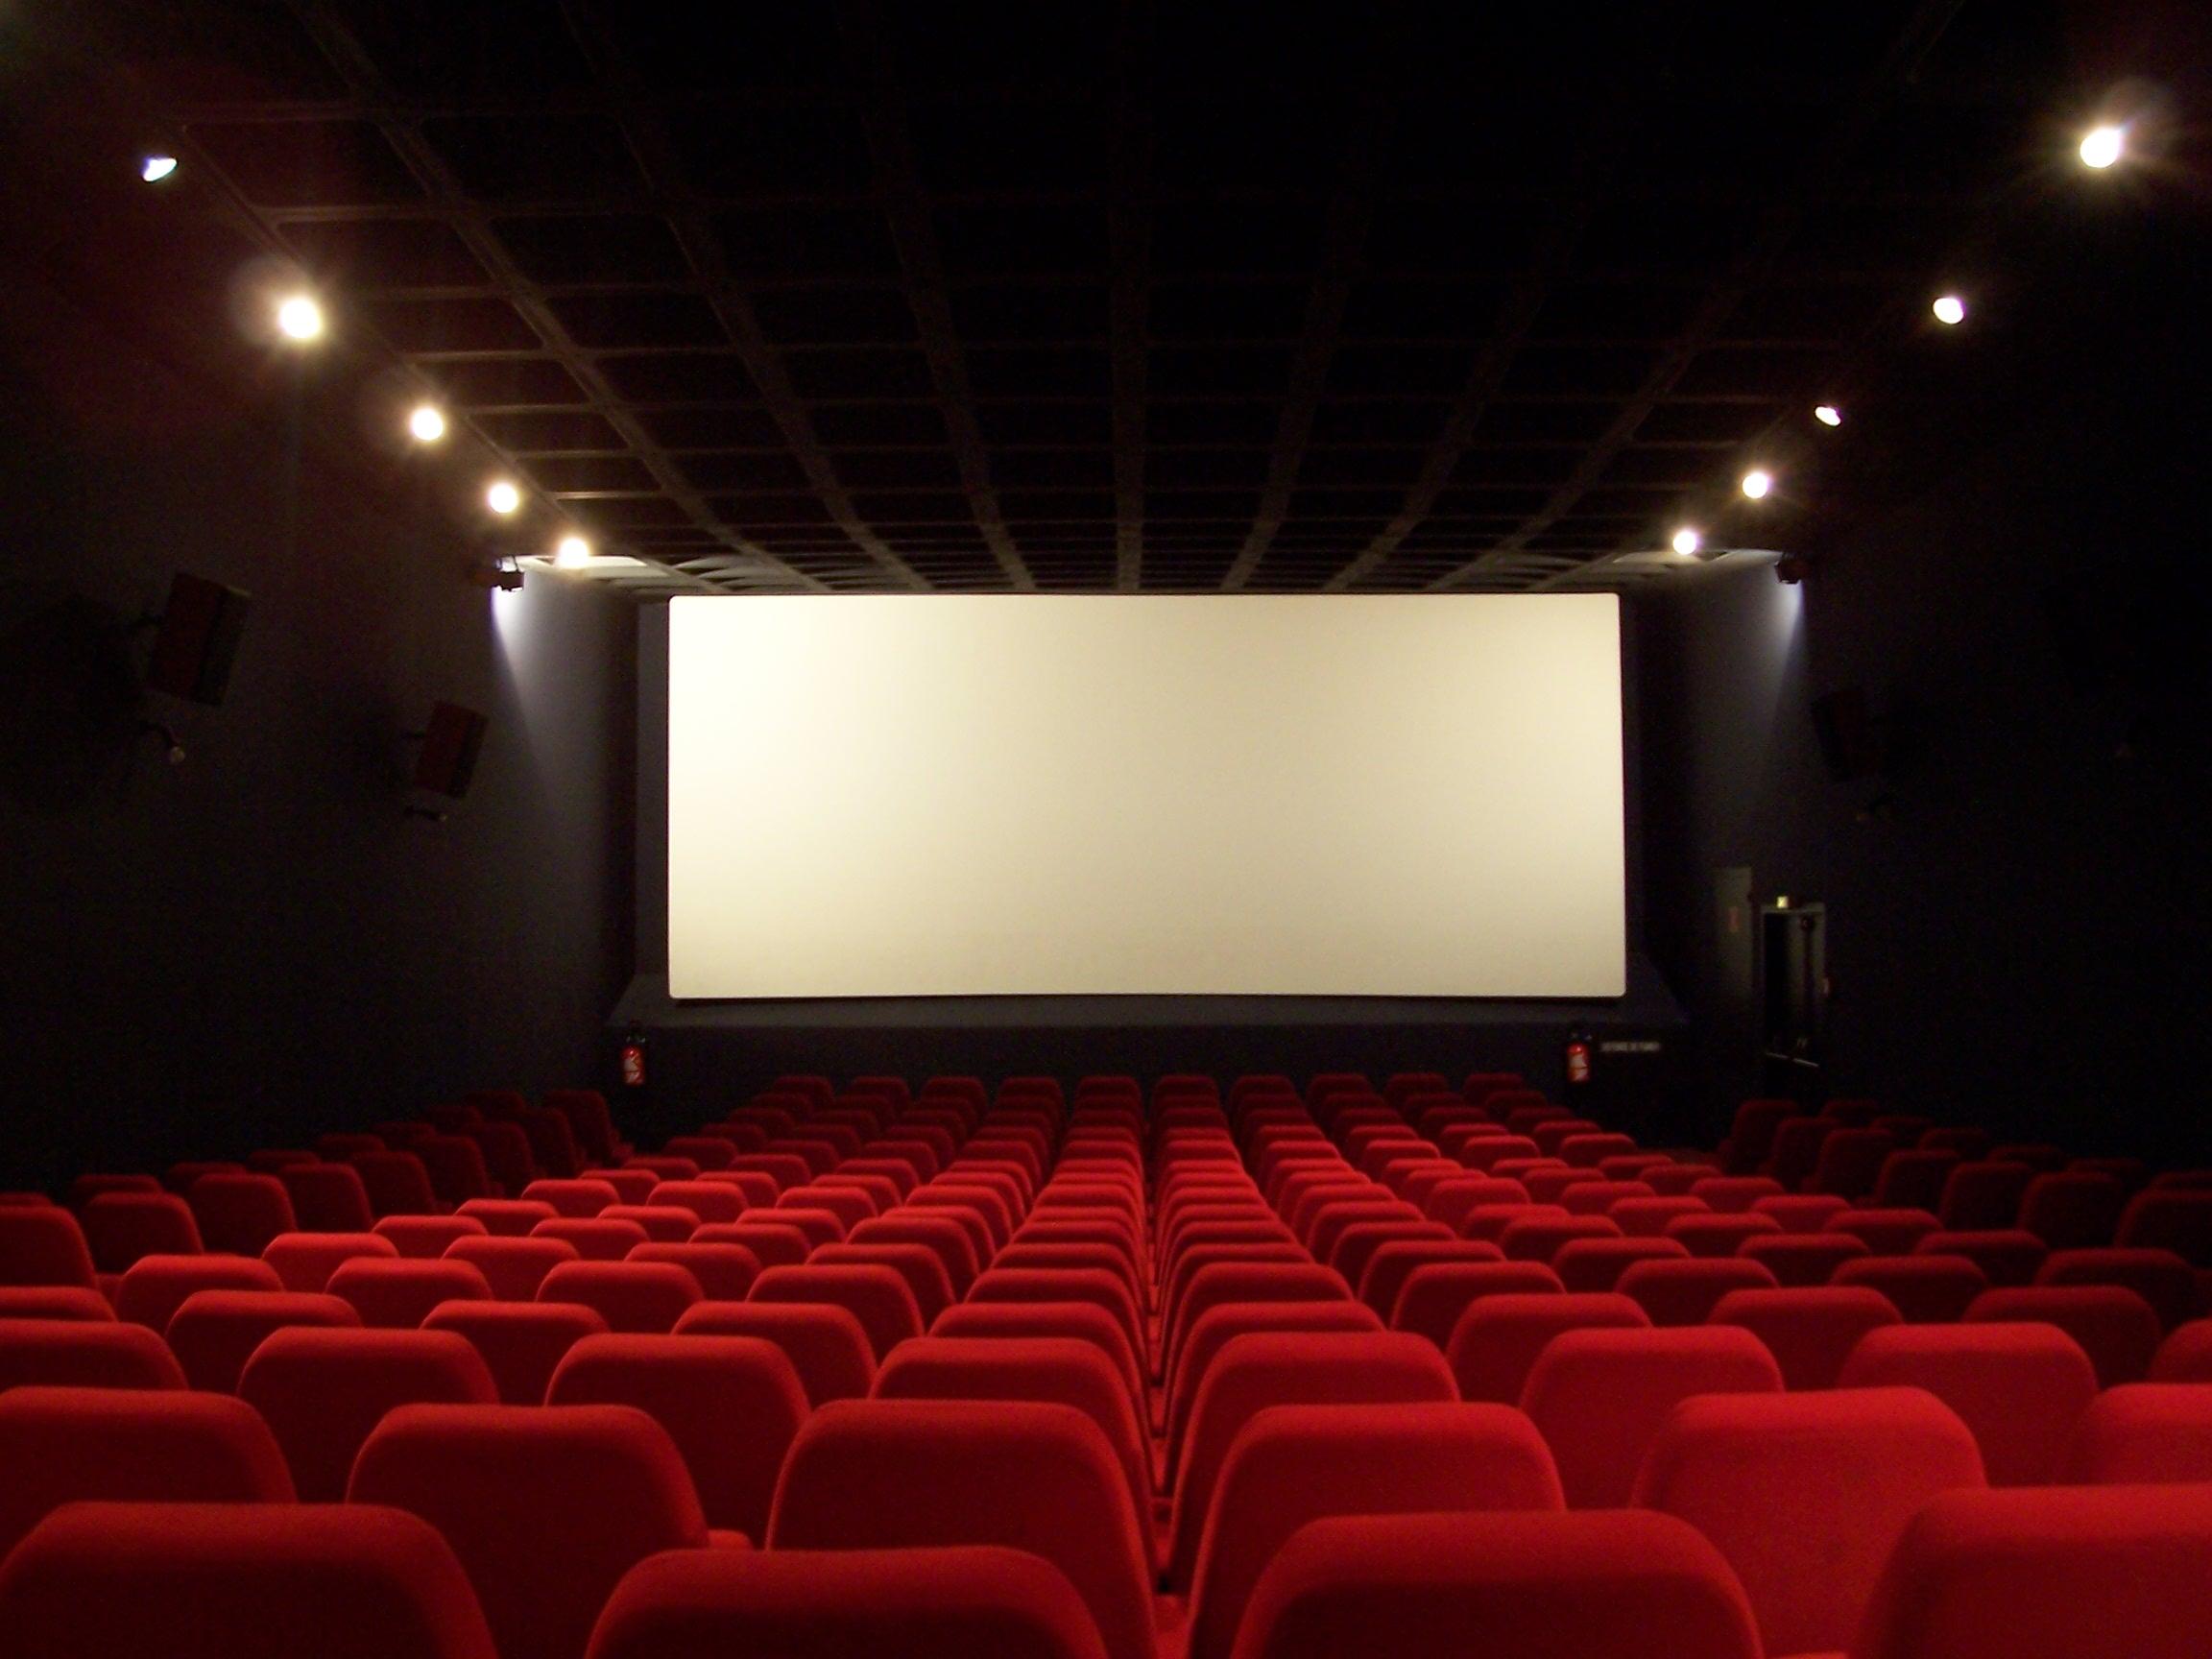 فیلمهای در حال اکران داخلی همچنان مخاطب از دست میدهند